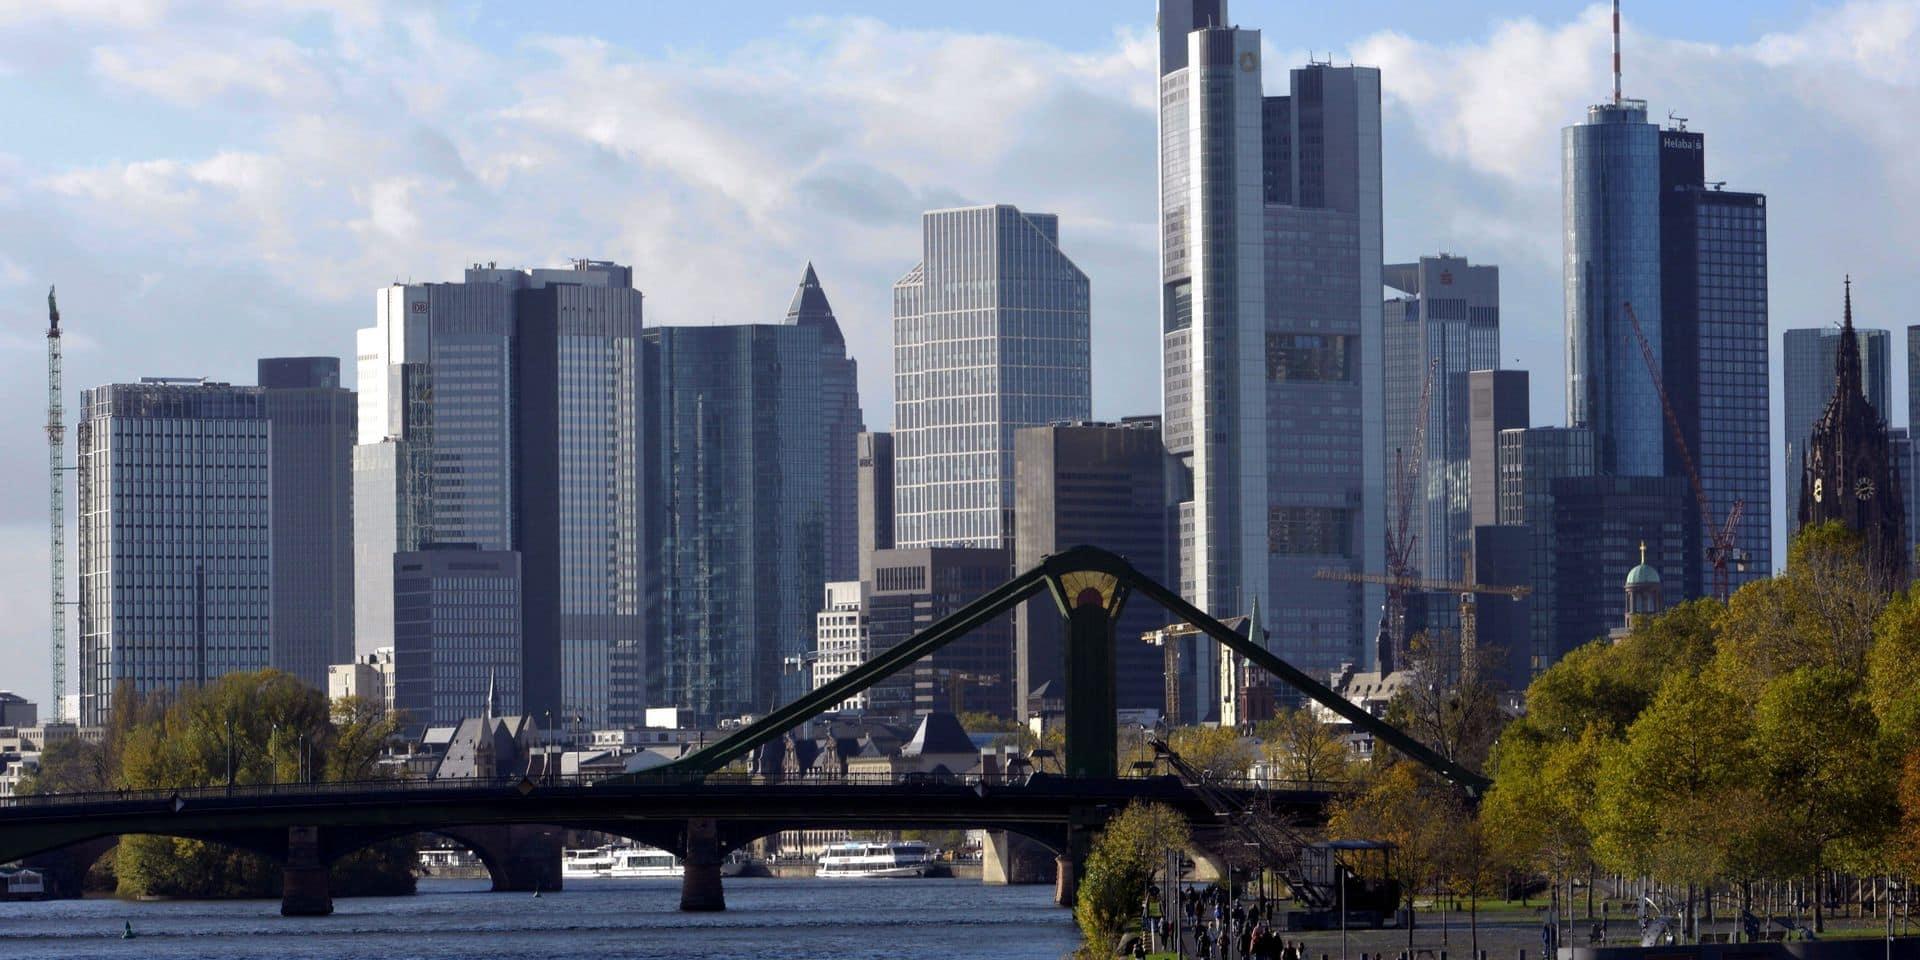 Taux, prêts, QE: le cocktail préparé par la BCE pour stimuler l'économie